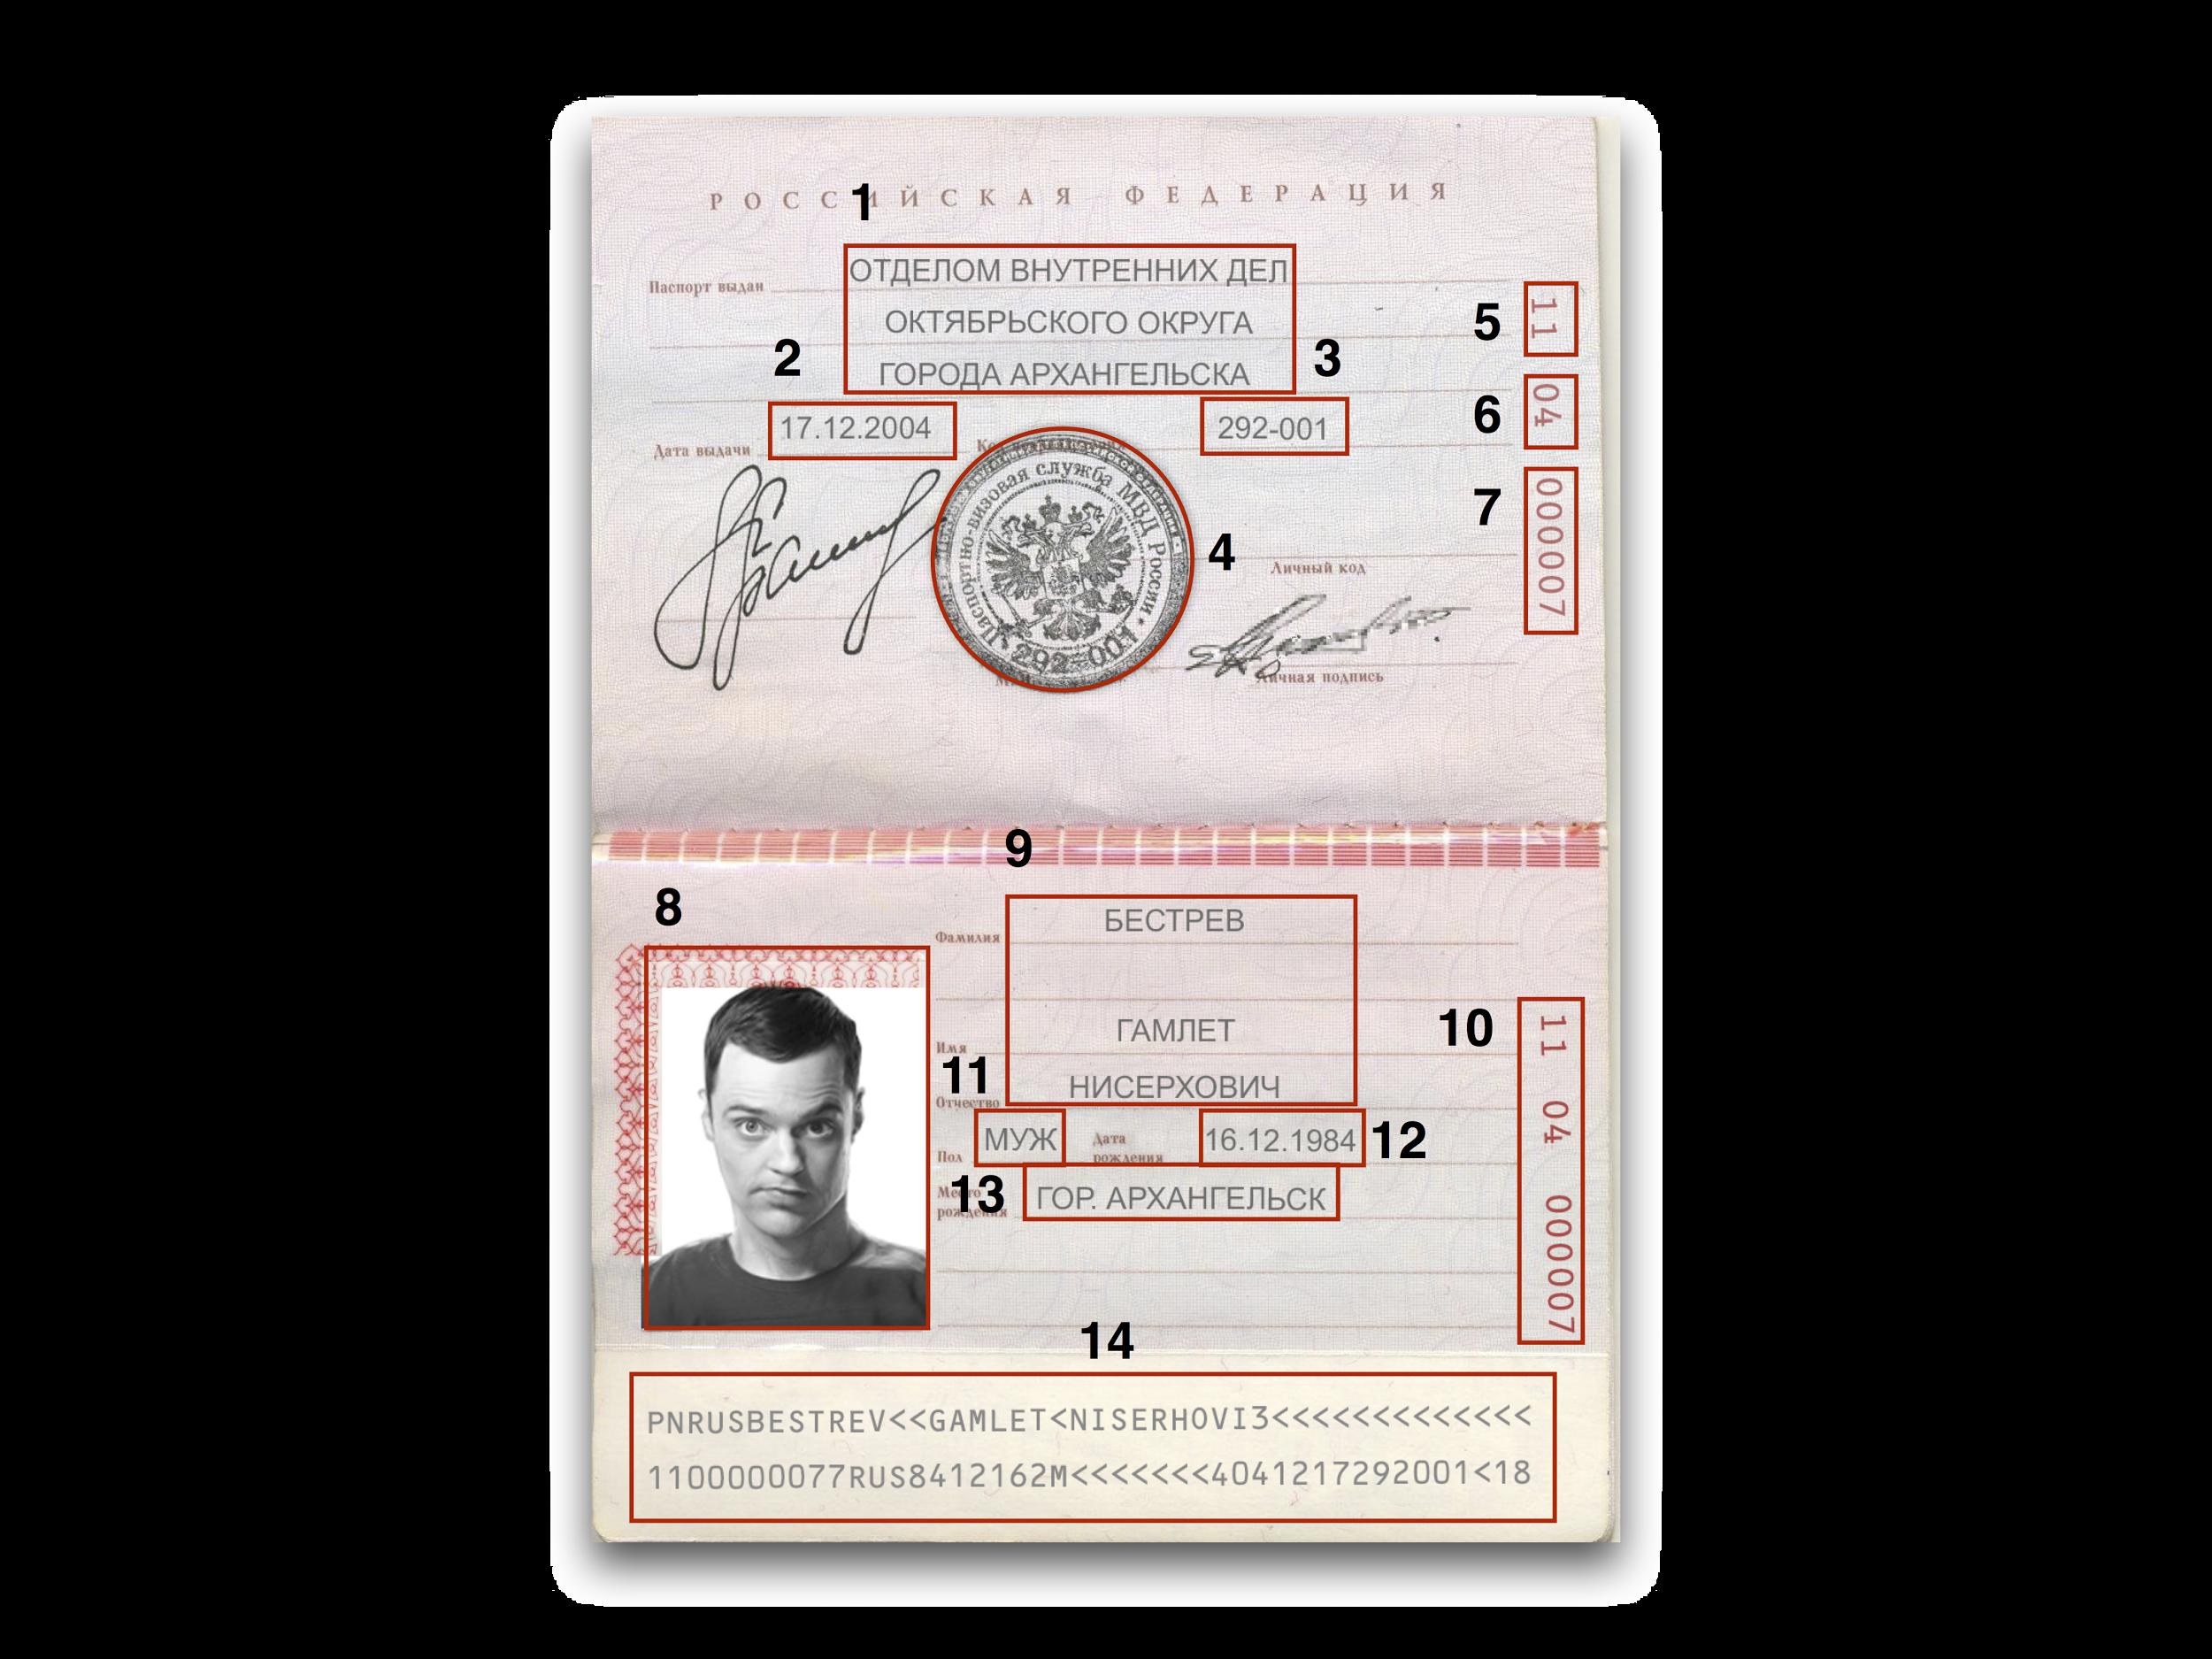 Как сделать поддельную копию паспорта фото 241